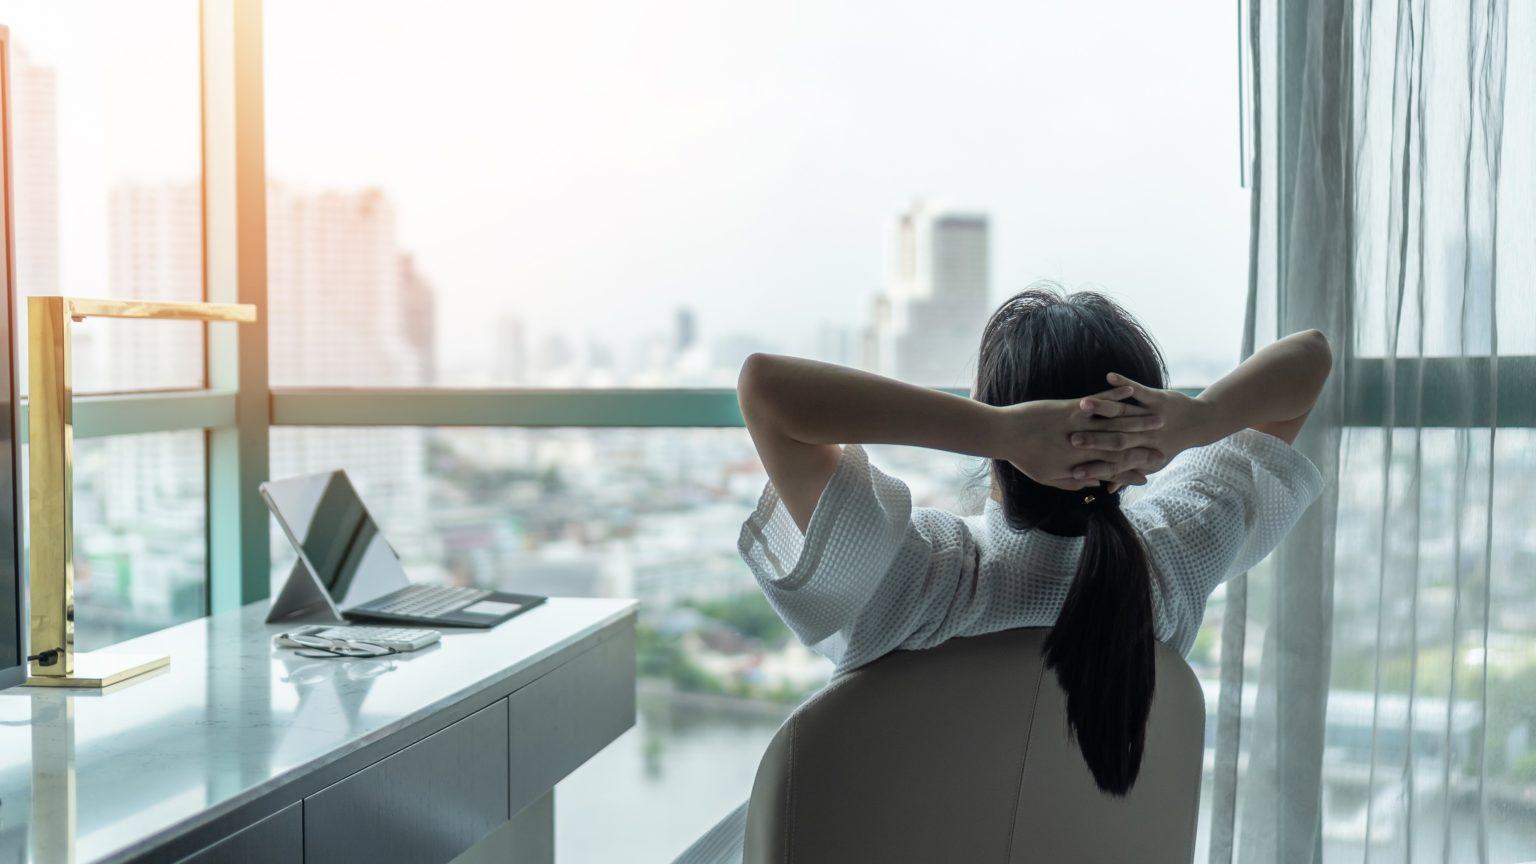 Ćwiczenia work-life balance – jak zachować zdrowie psychiczne i fizyczne?